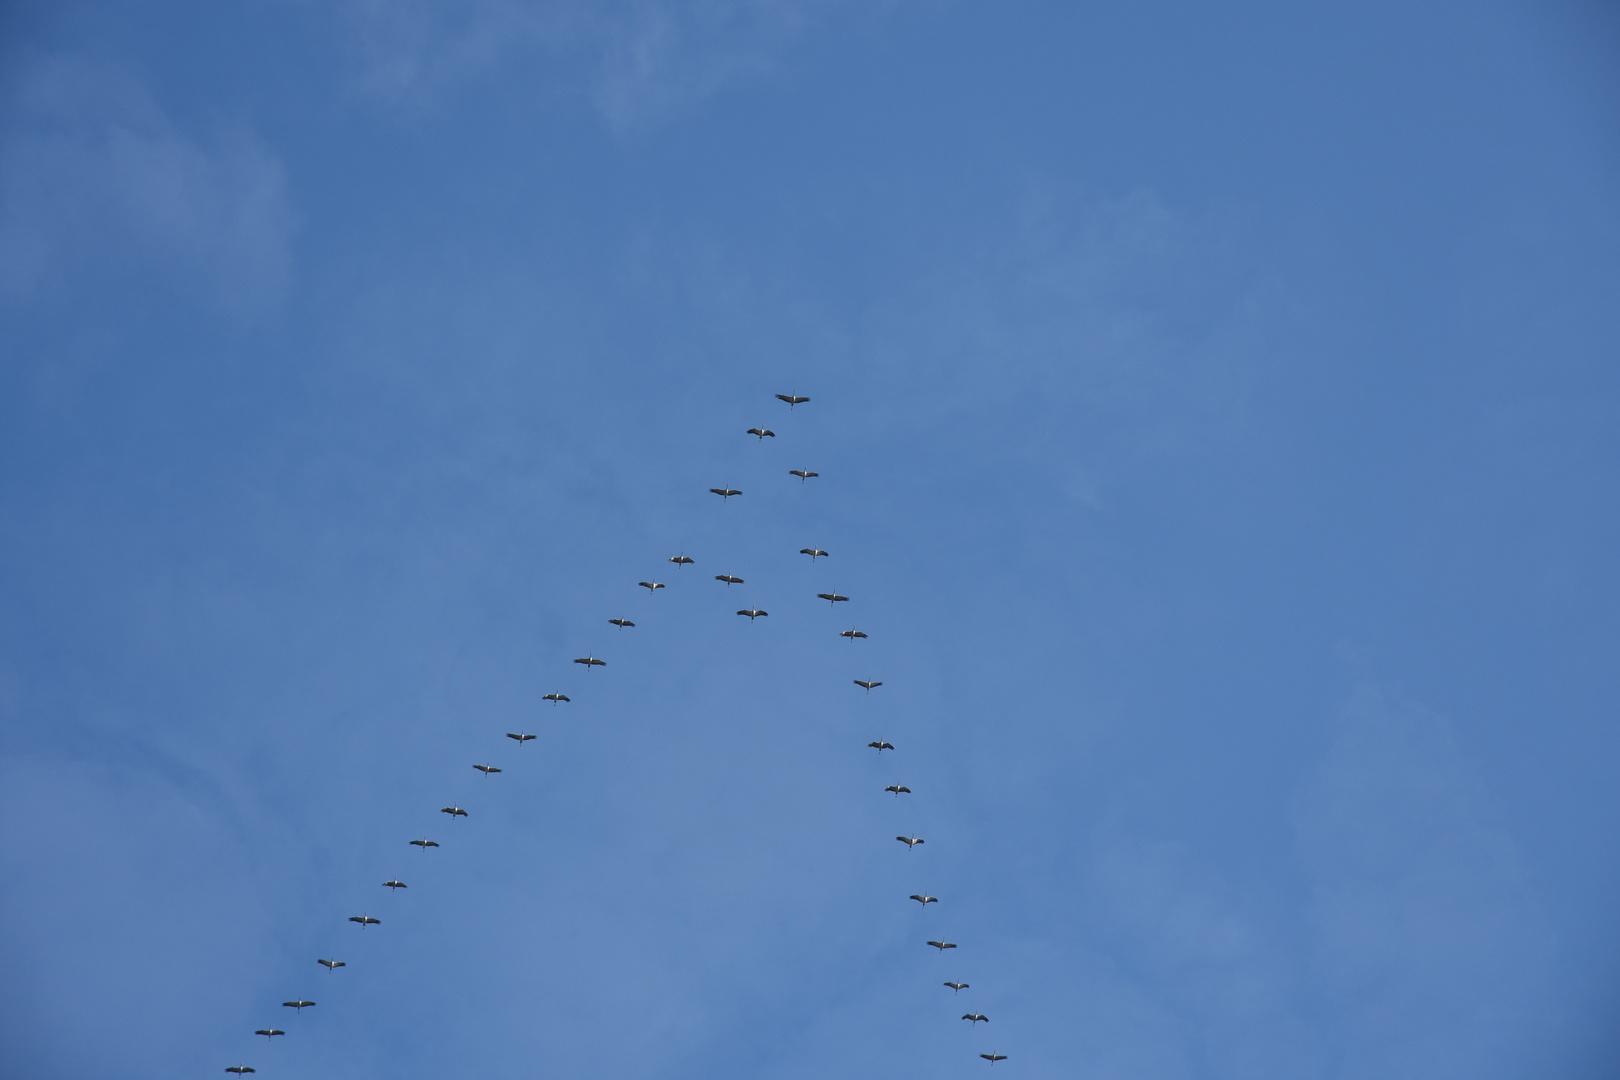 promo code 54edd 0b23b Formationsflug der Kraniche Foto & Bild | tiere, wildlife ...